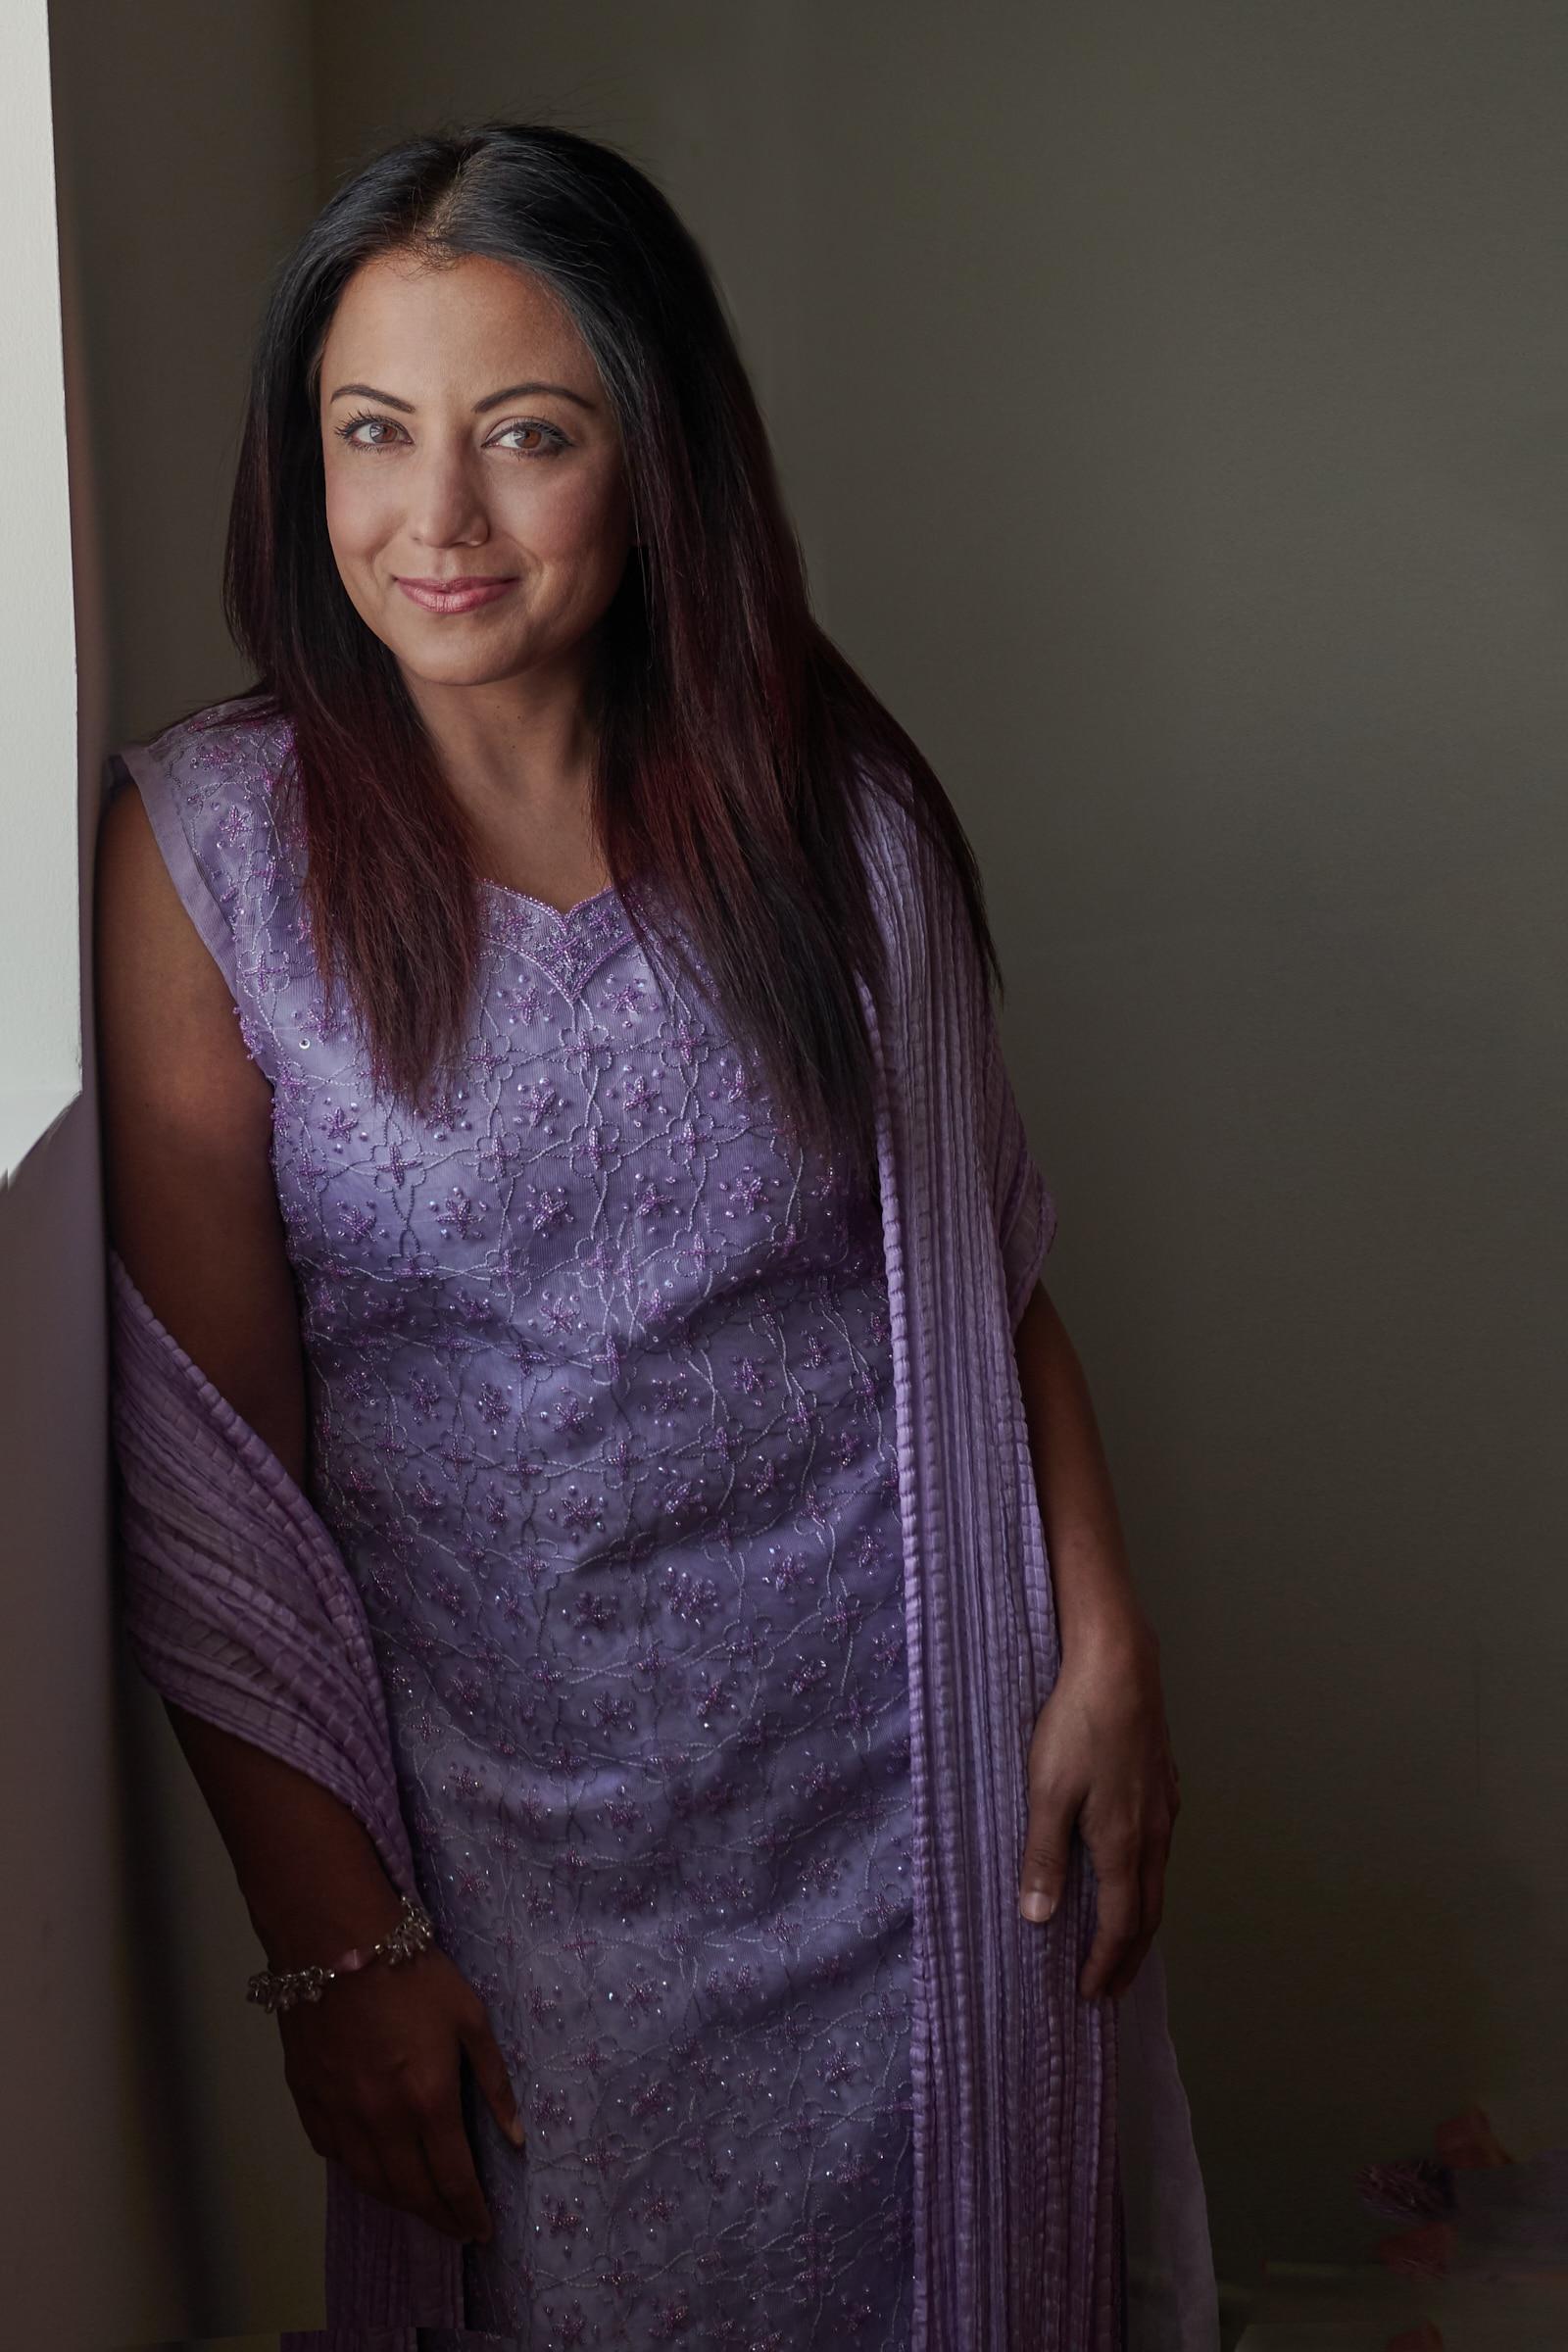 wall pose purple dress